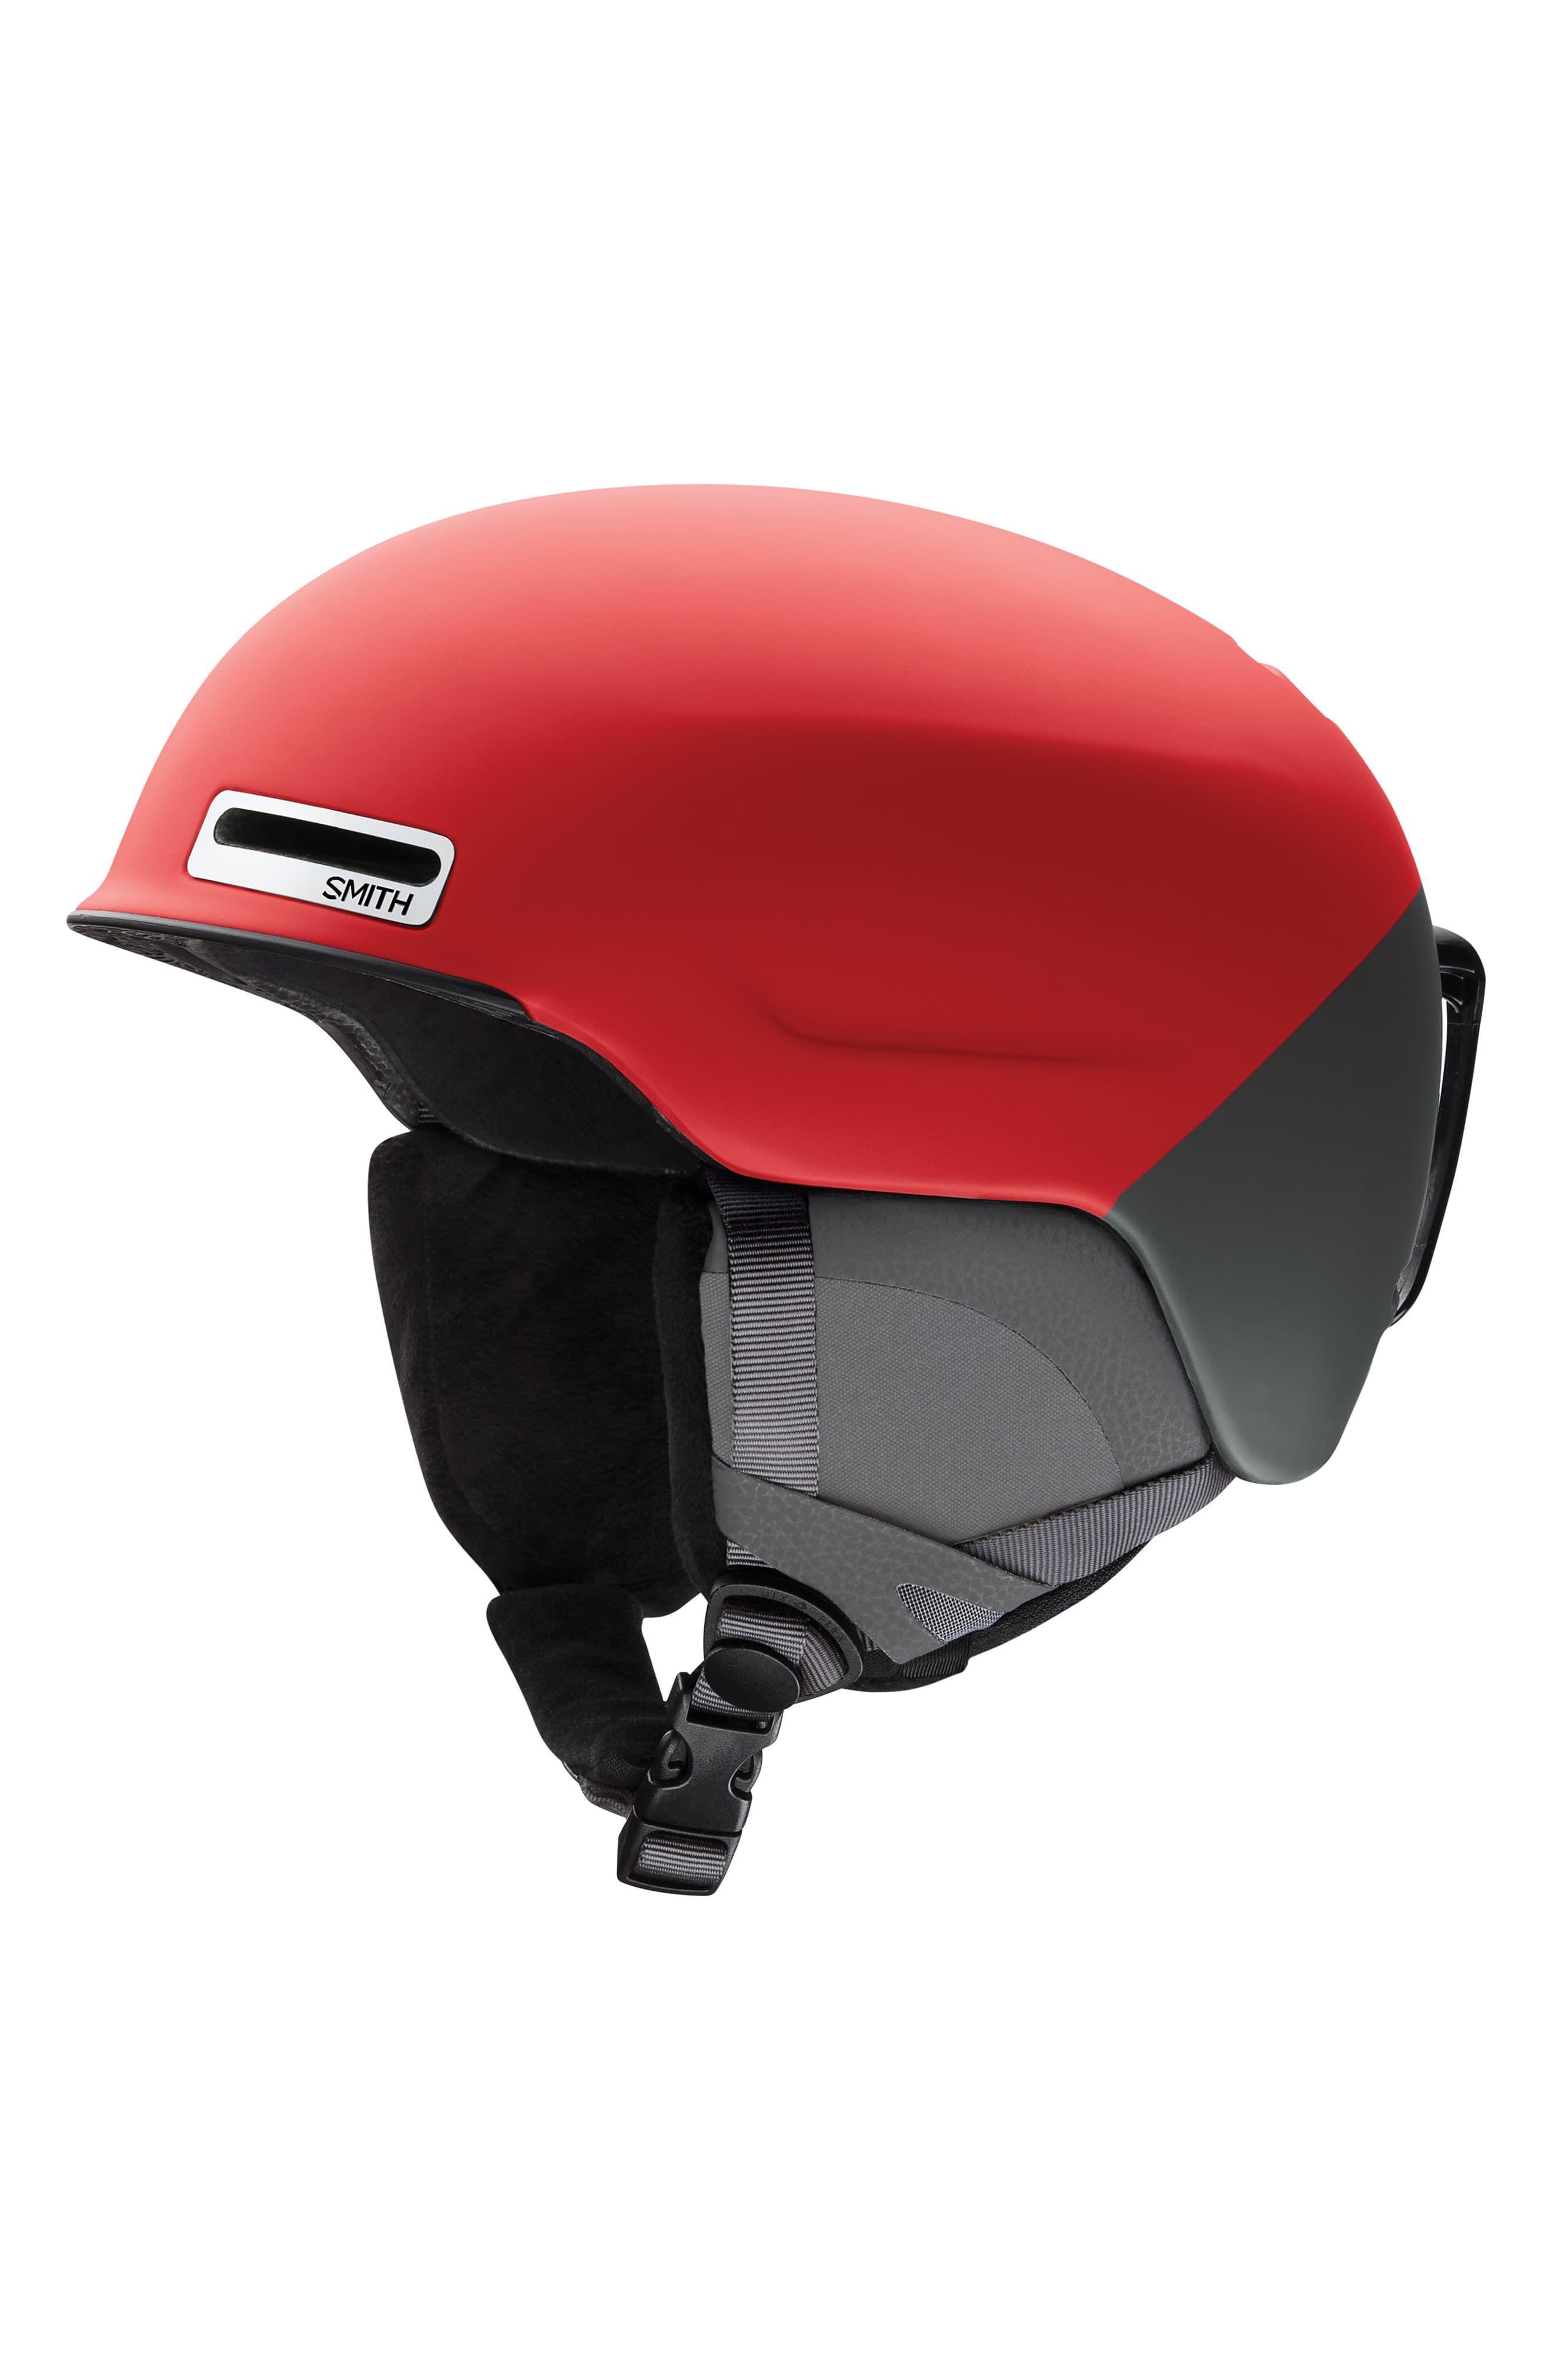 Smith Maze Mips Snow Helmet Will Smith Helmet Maze